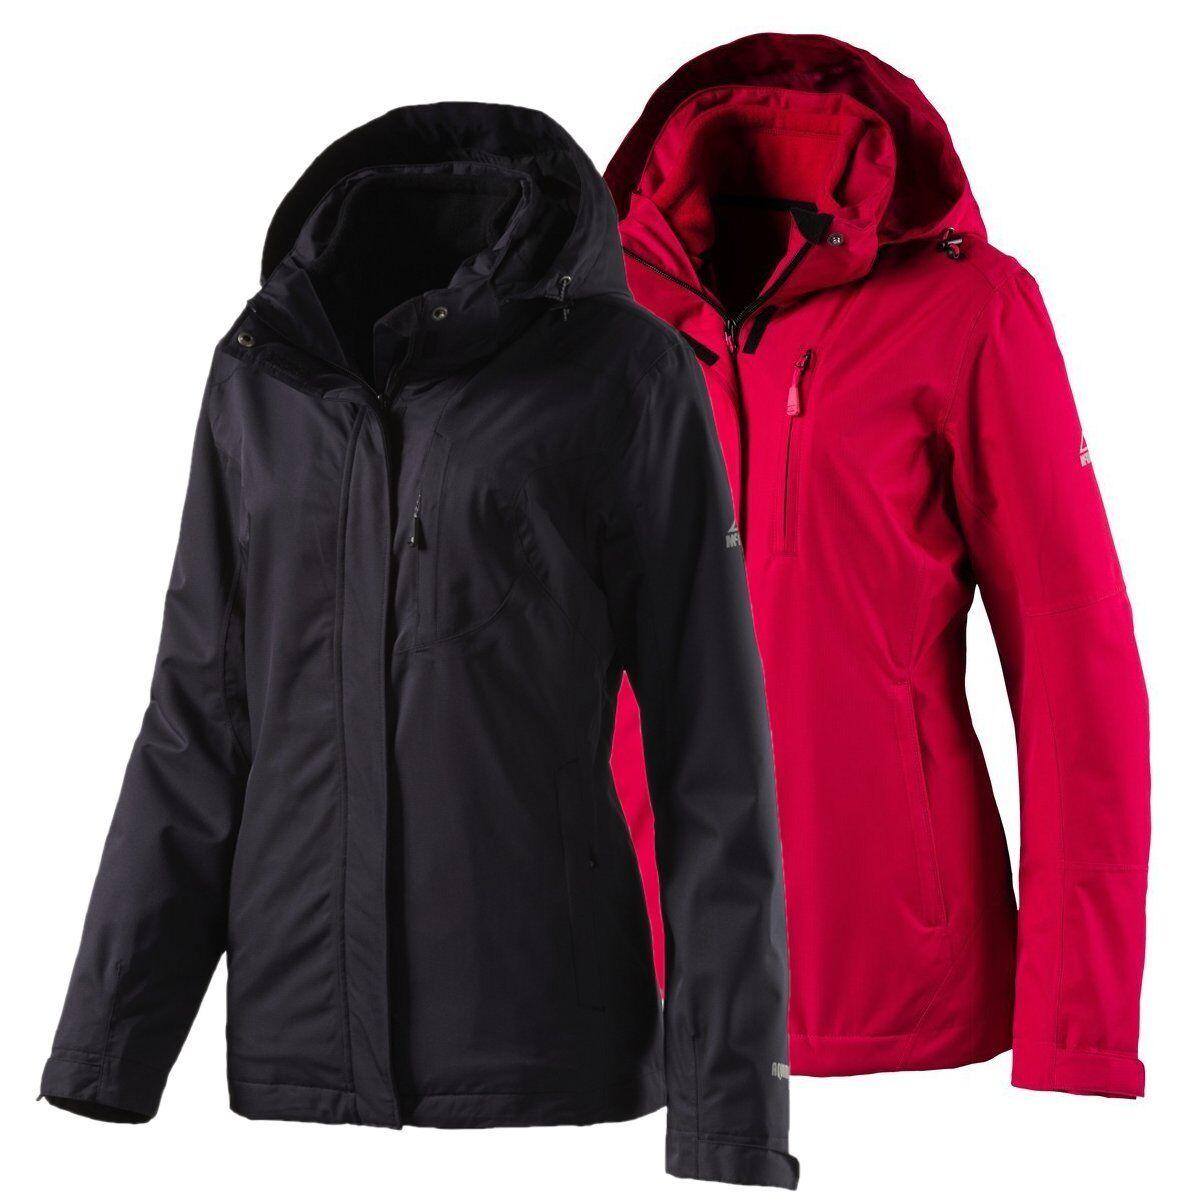 McKINLEY Damen Outdoor Winterjacke Doppeljacke Cook Inlet Winter Jacke 4033217